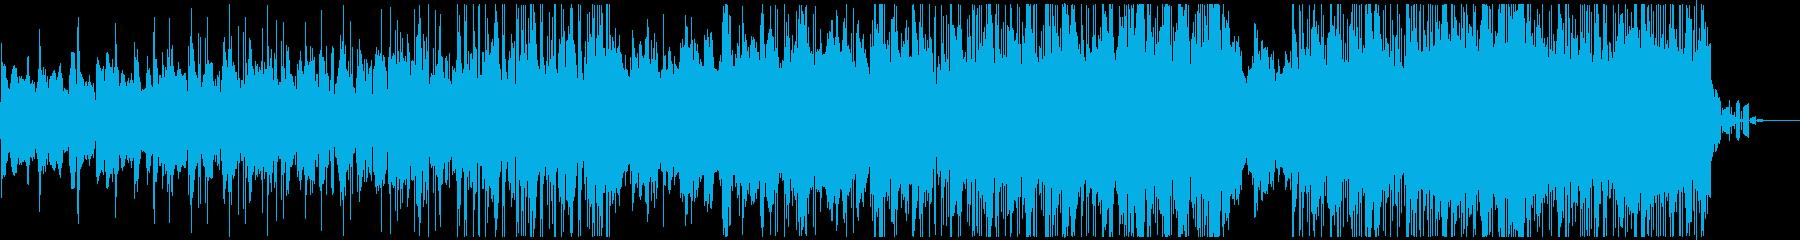 サイケデリックでアンニュイなテクノポップの再生済みの波形